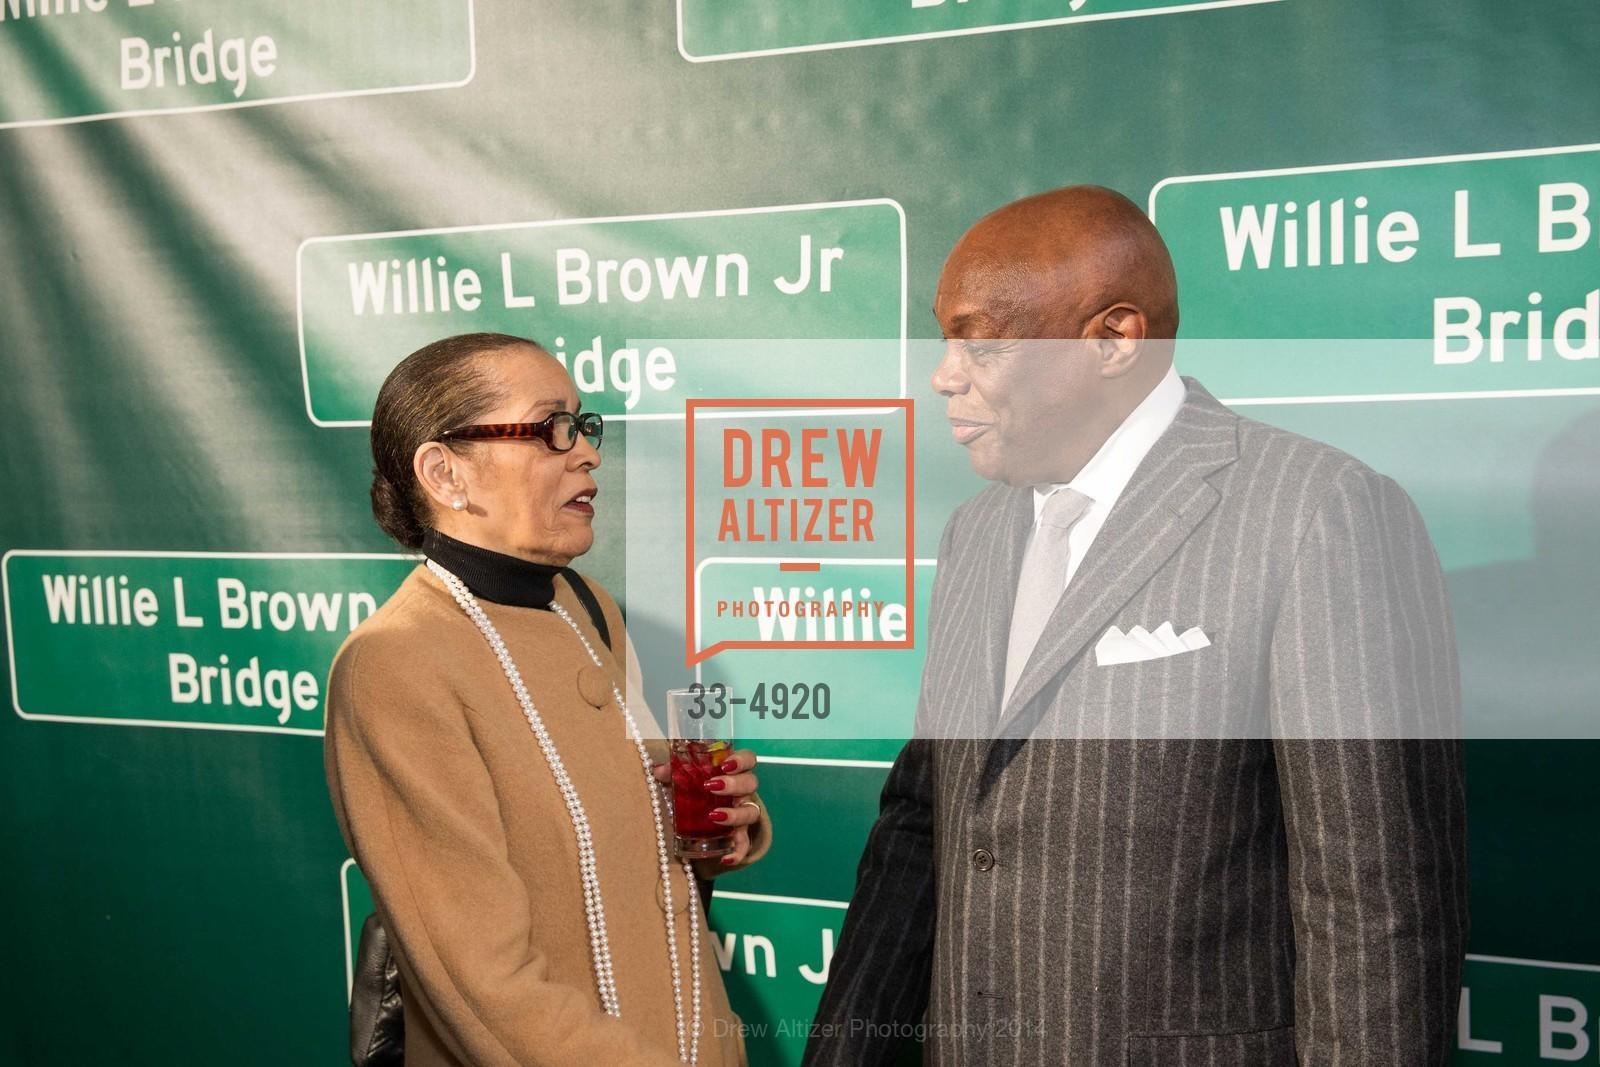 Willie Brown, Photo #33-4920